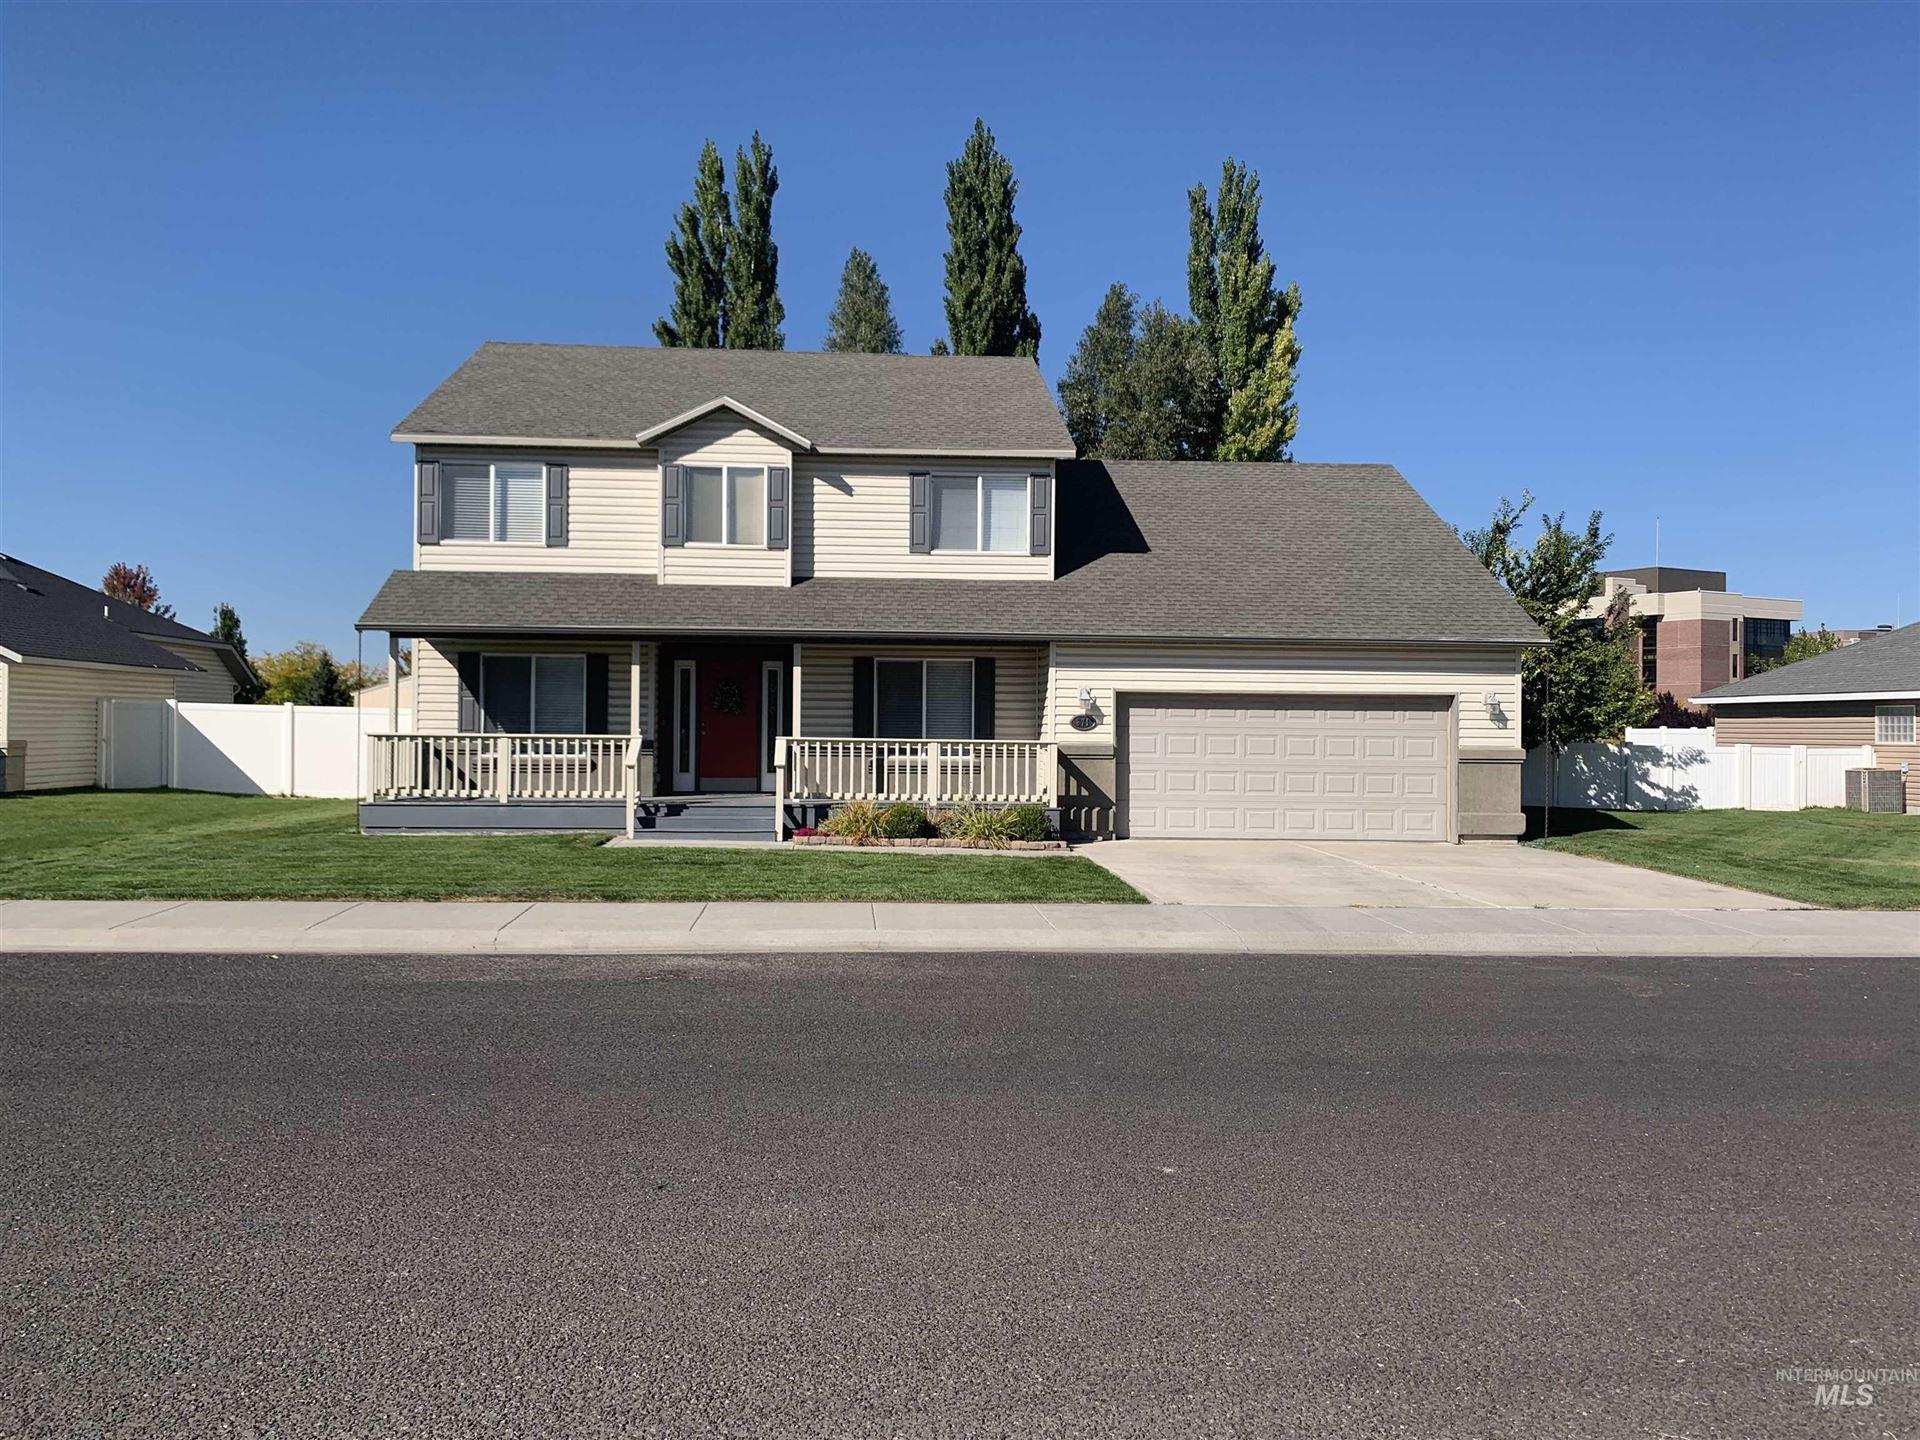 871 Grace W, Twin Falls, ID 83301 - MLS#: 98820431